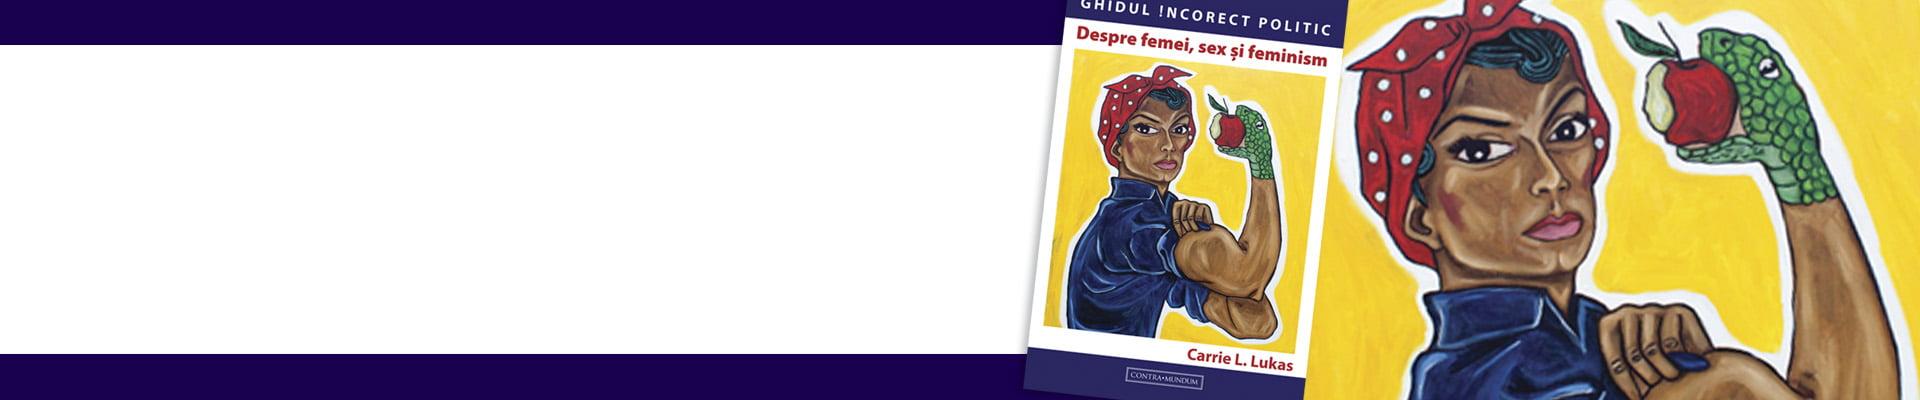 Carti editura Contra Mundum